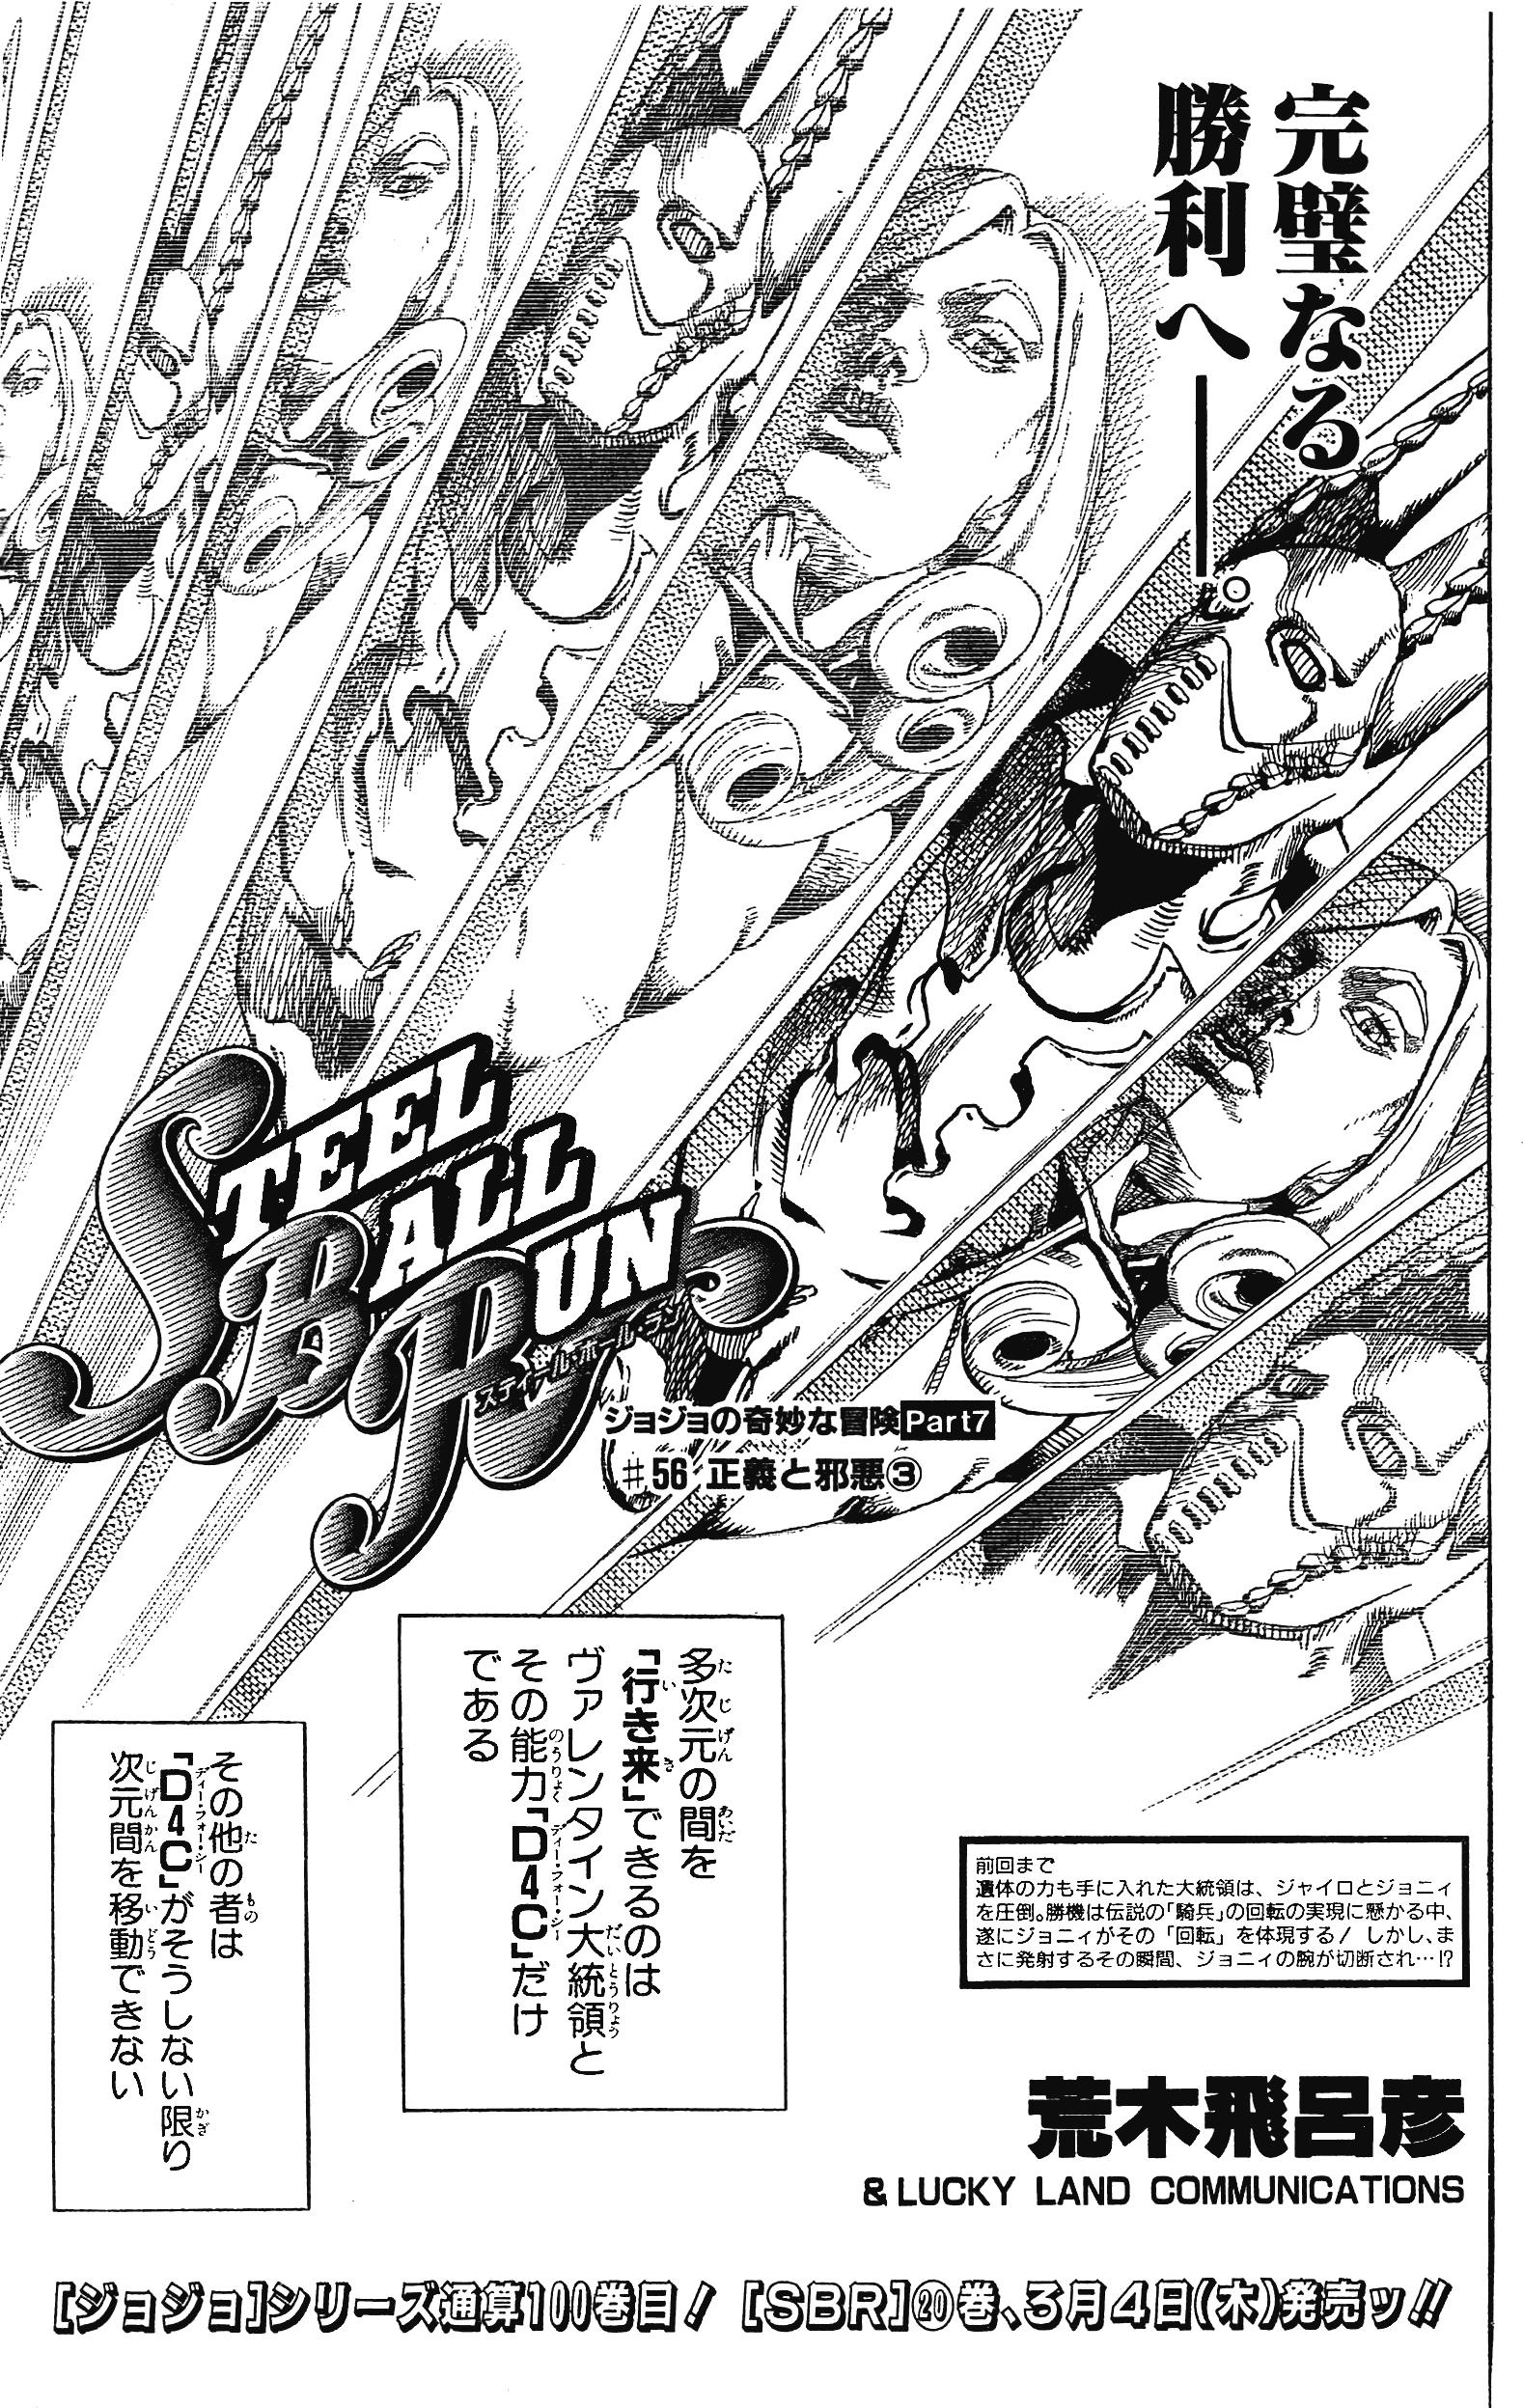 SBR Chapter 81(56) Magazine Cover.jpg